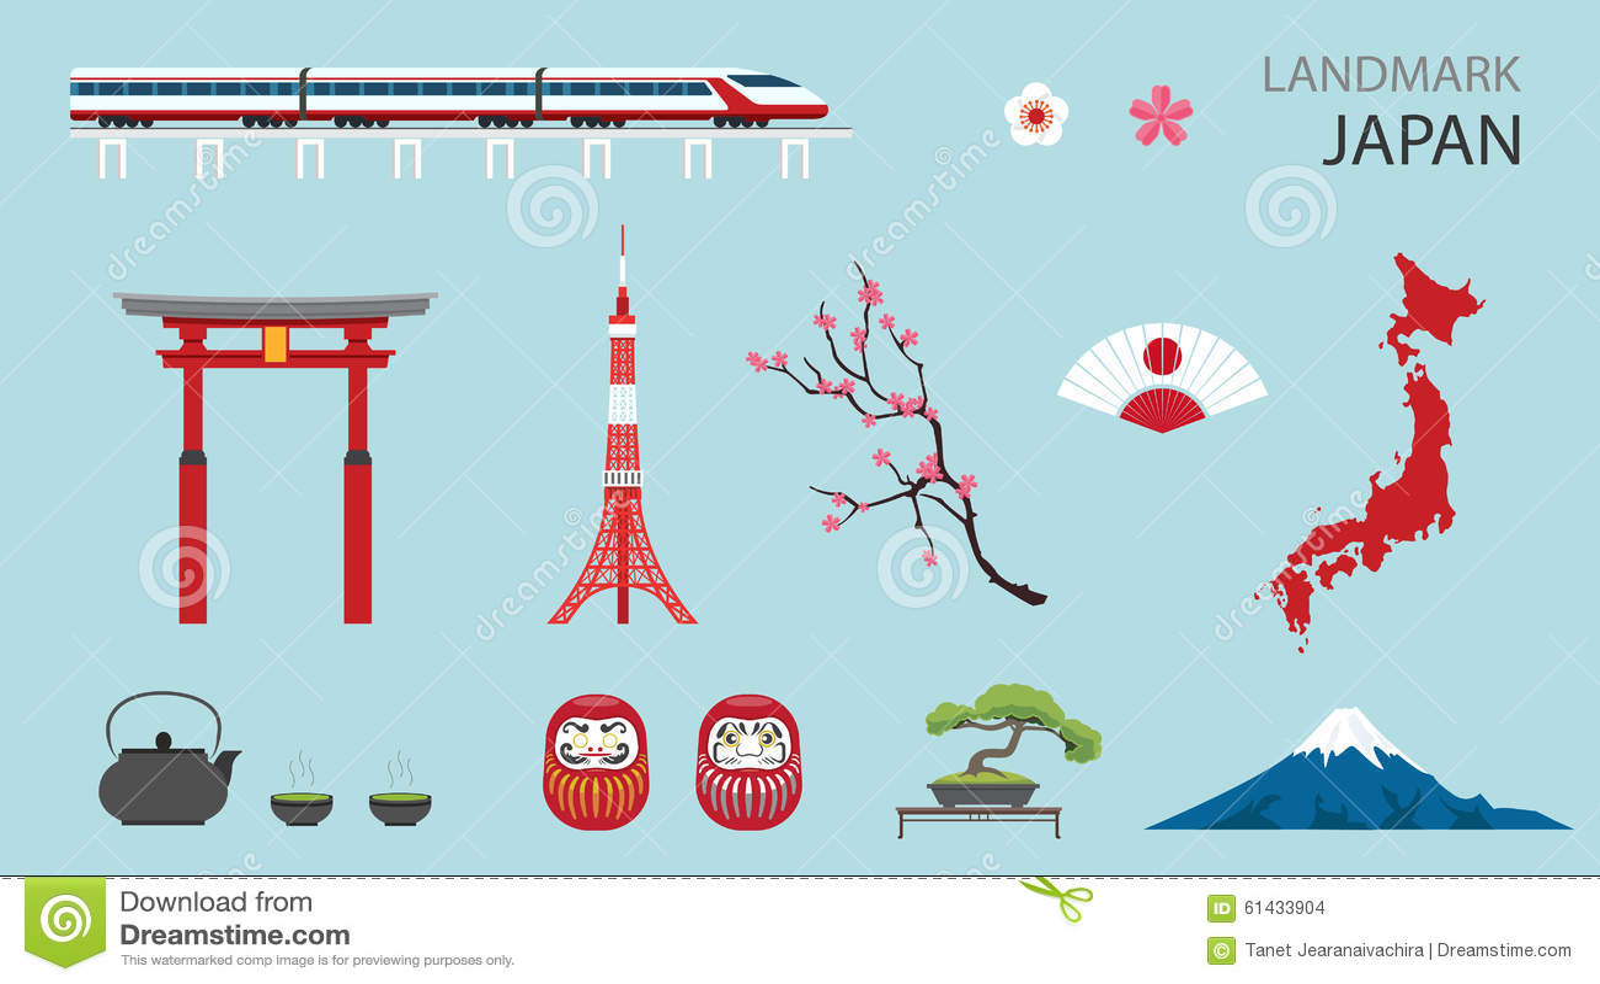 Flat icons design landmark japan stock vector image for Landmark design